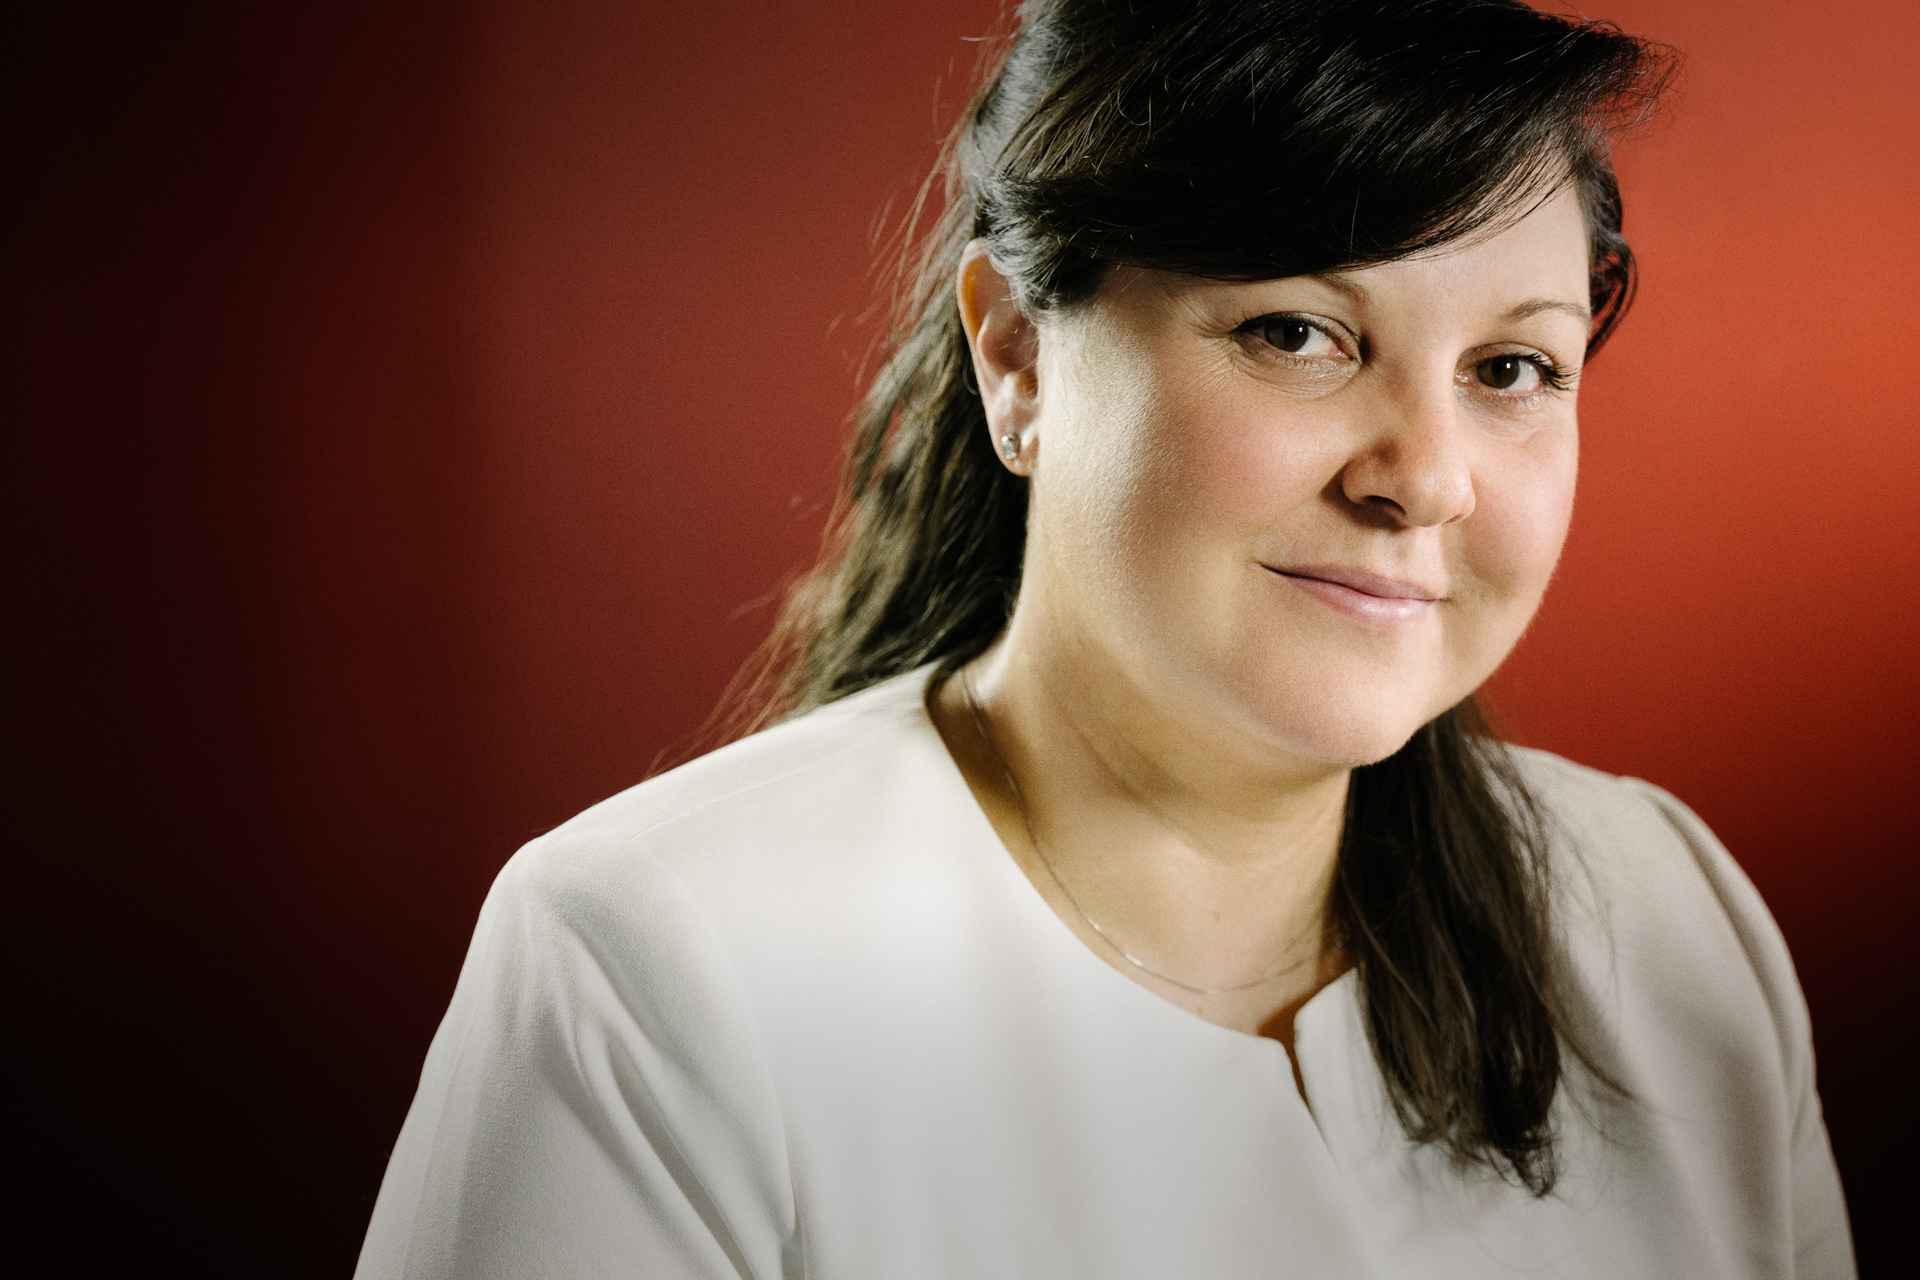 Carolina Tortora